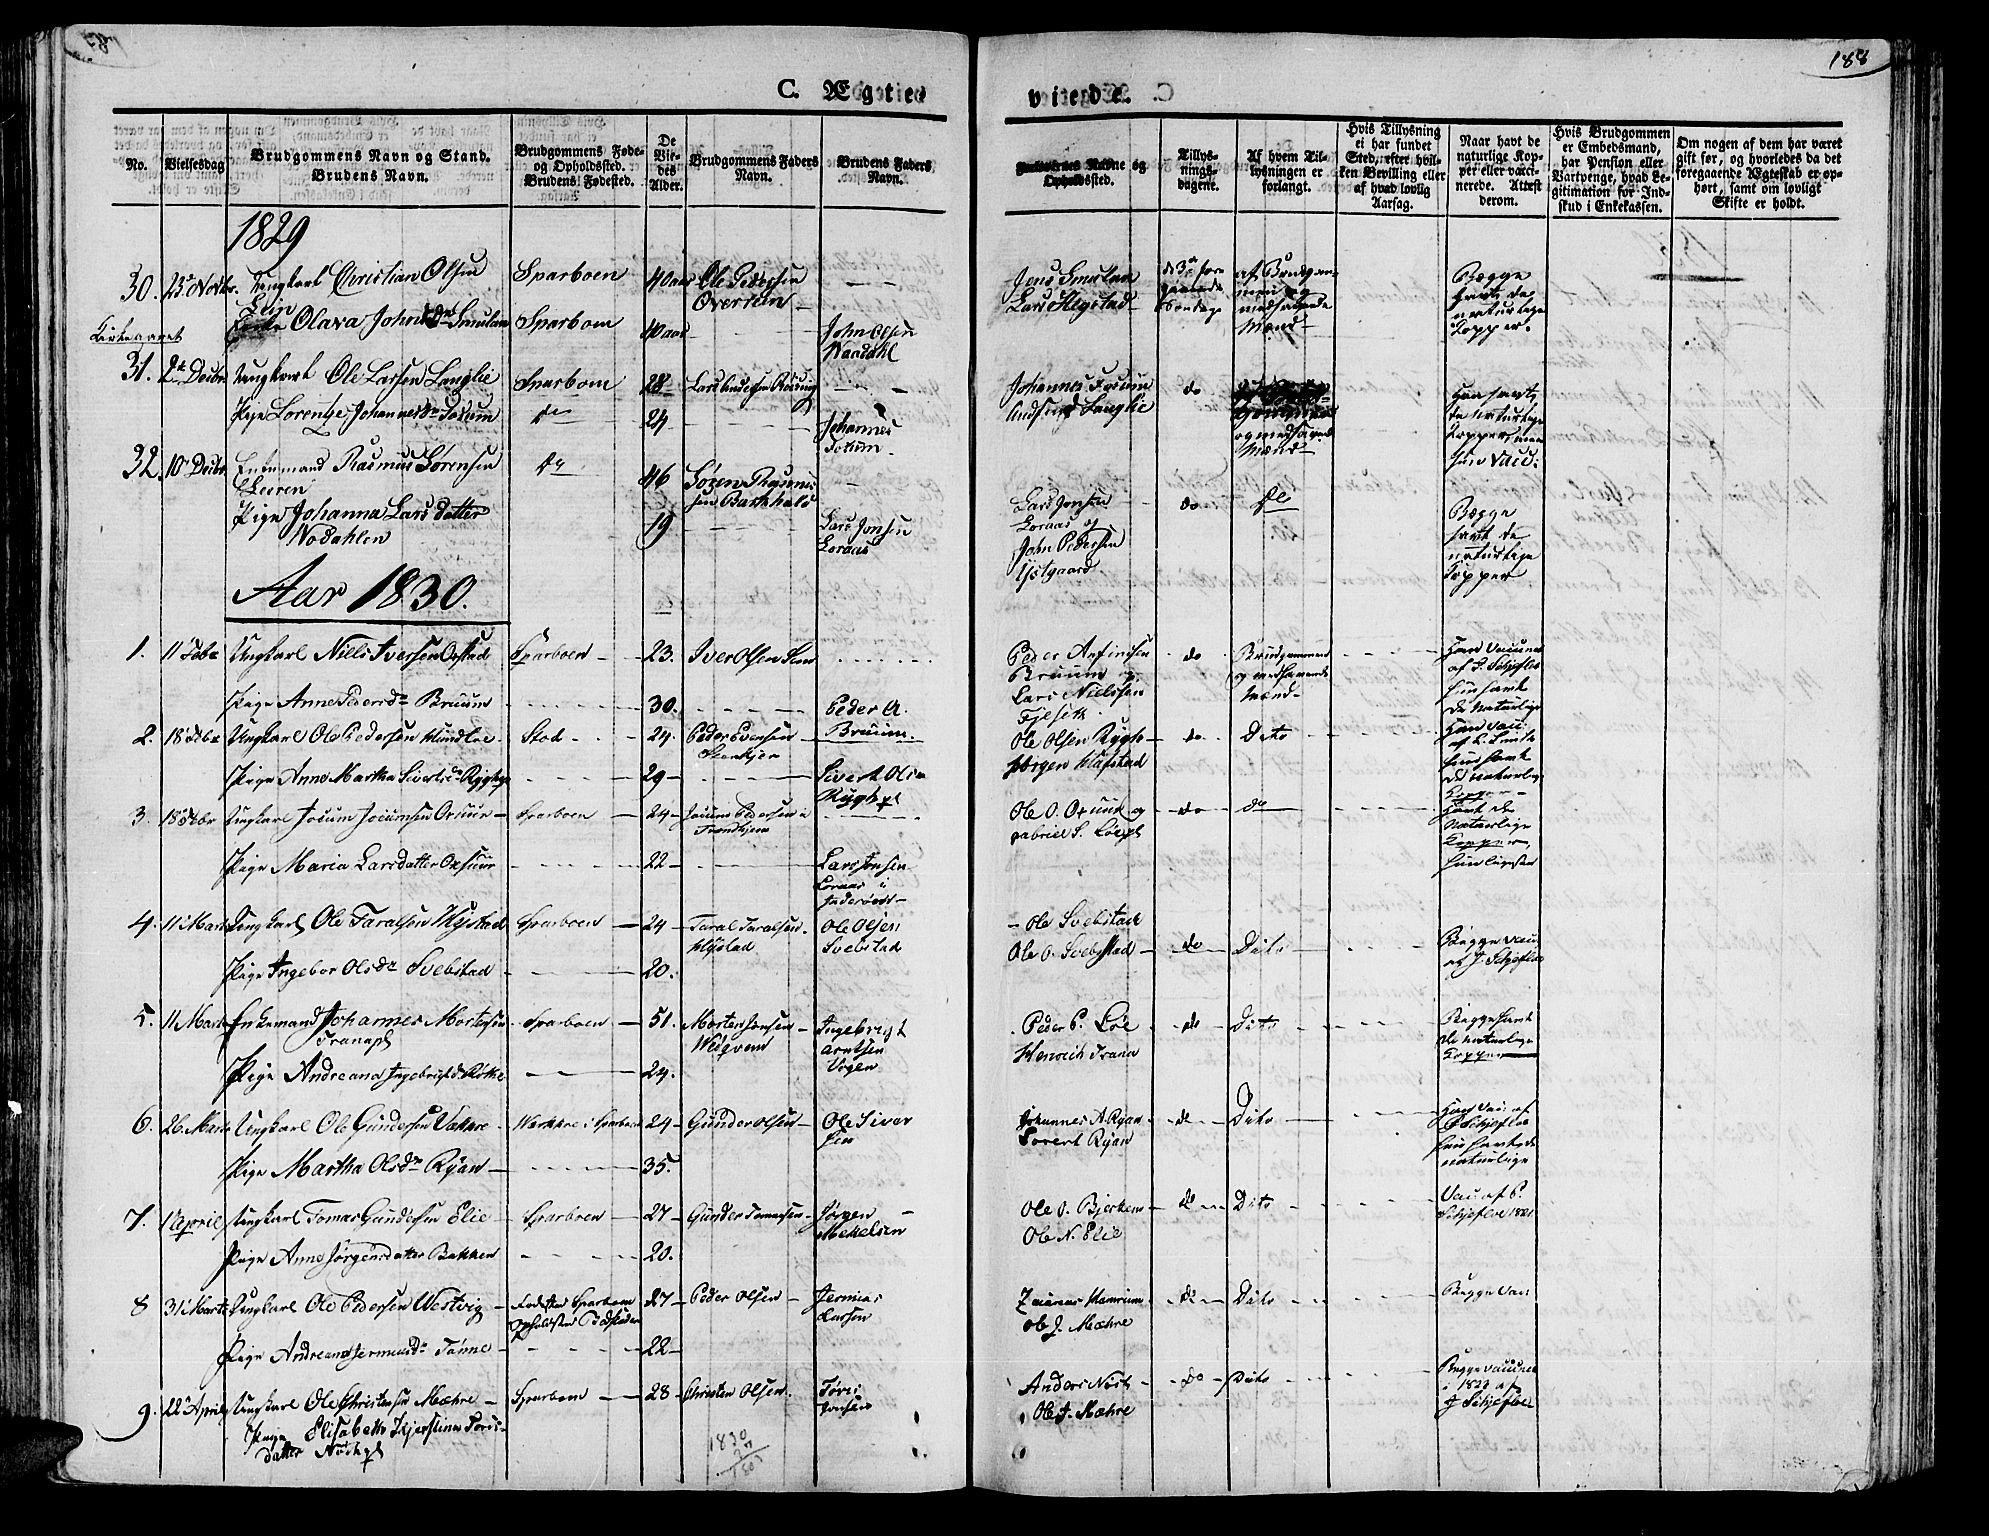 SAT, Ministerialprotokoller, klokkerbøker og fødselsregistre - Nord-Trøndelag, 735/L0336: Ministerialbok nr. 735A05 /1, 1825-1835, s. 188